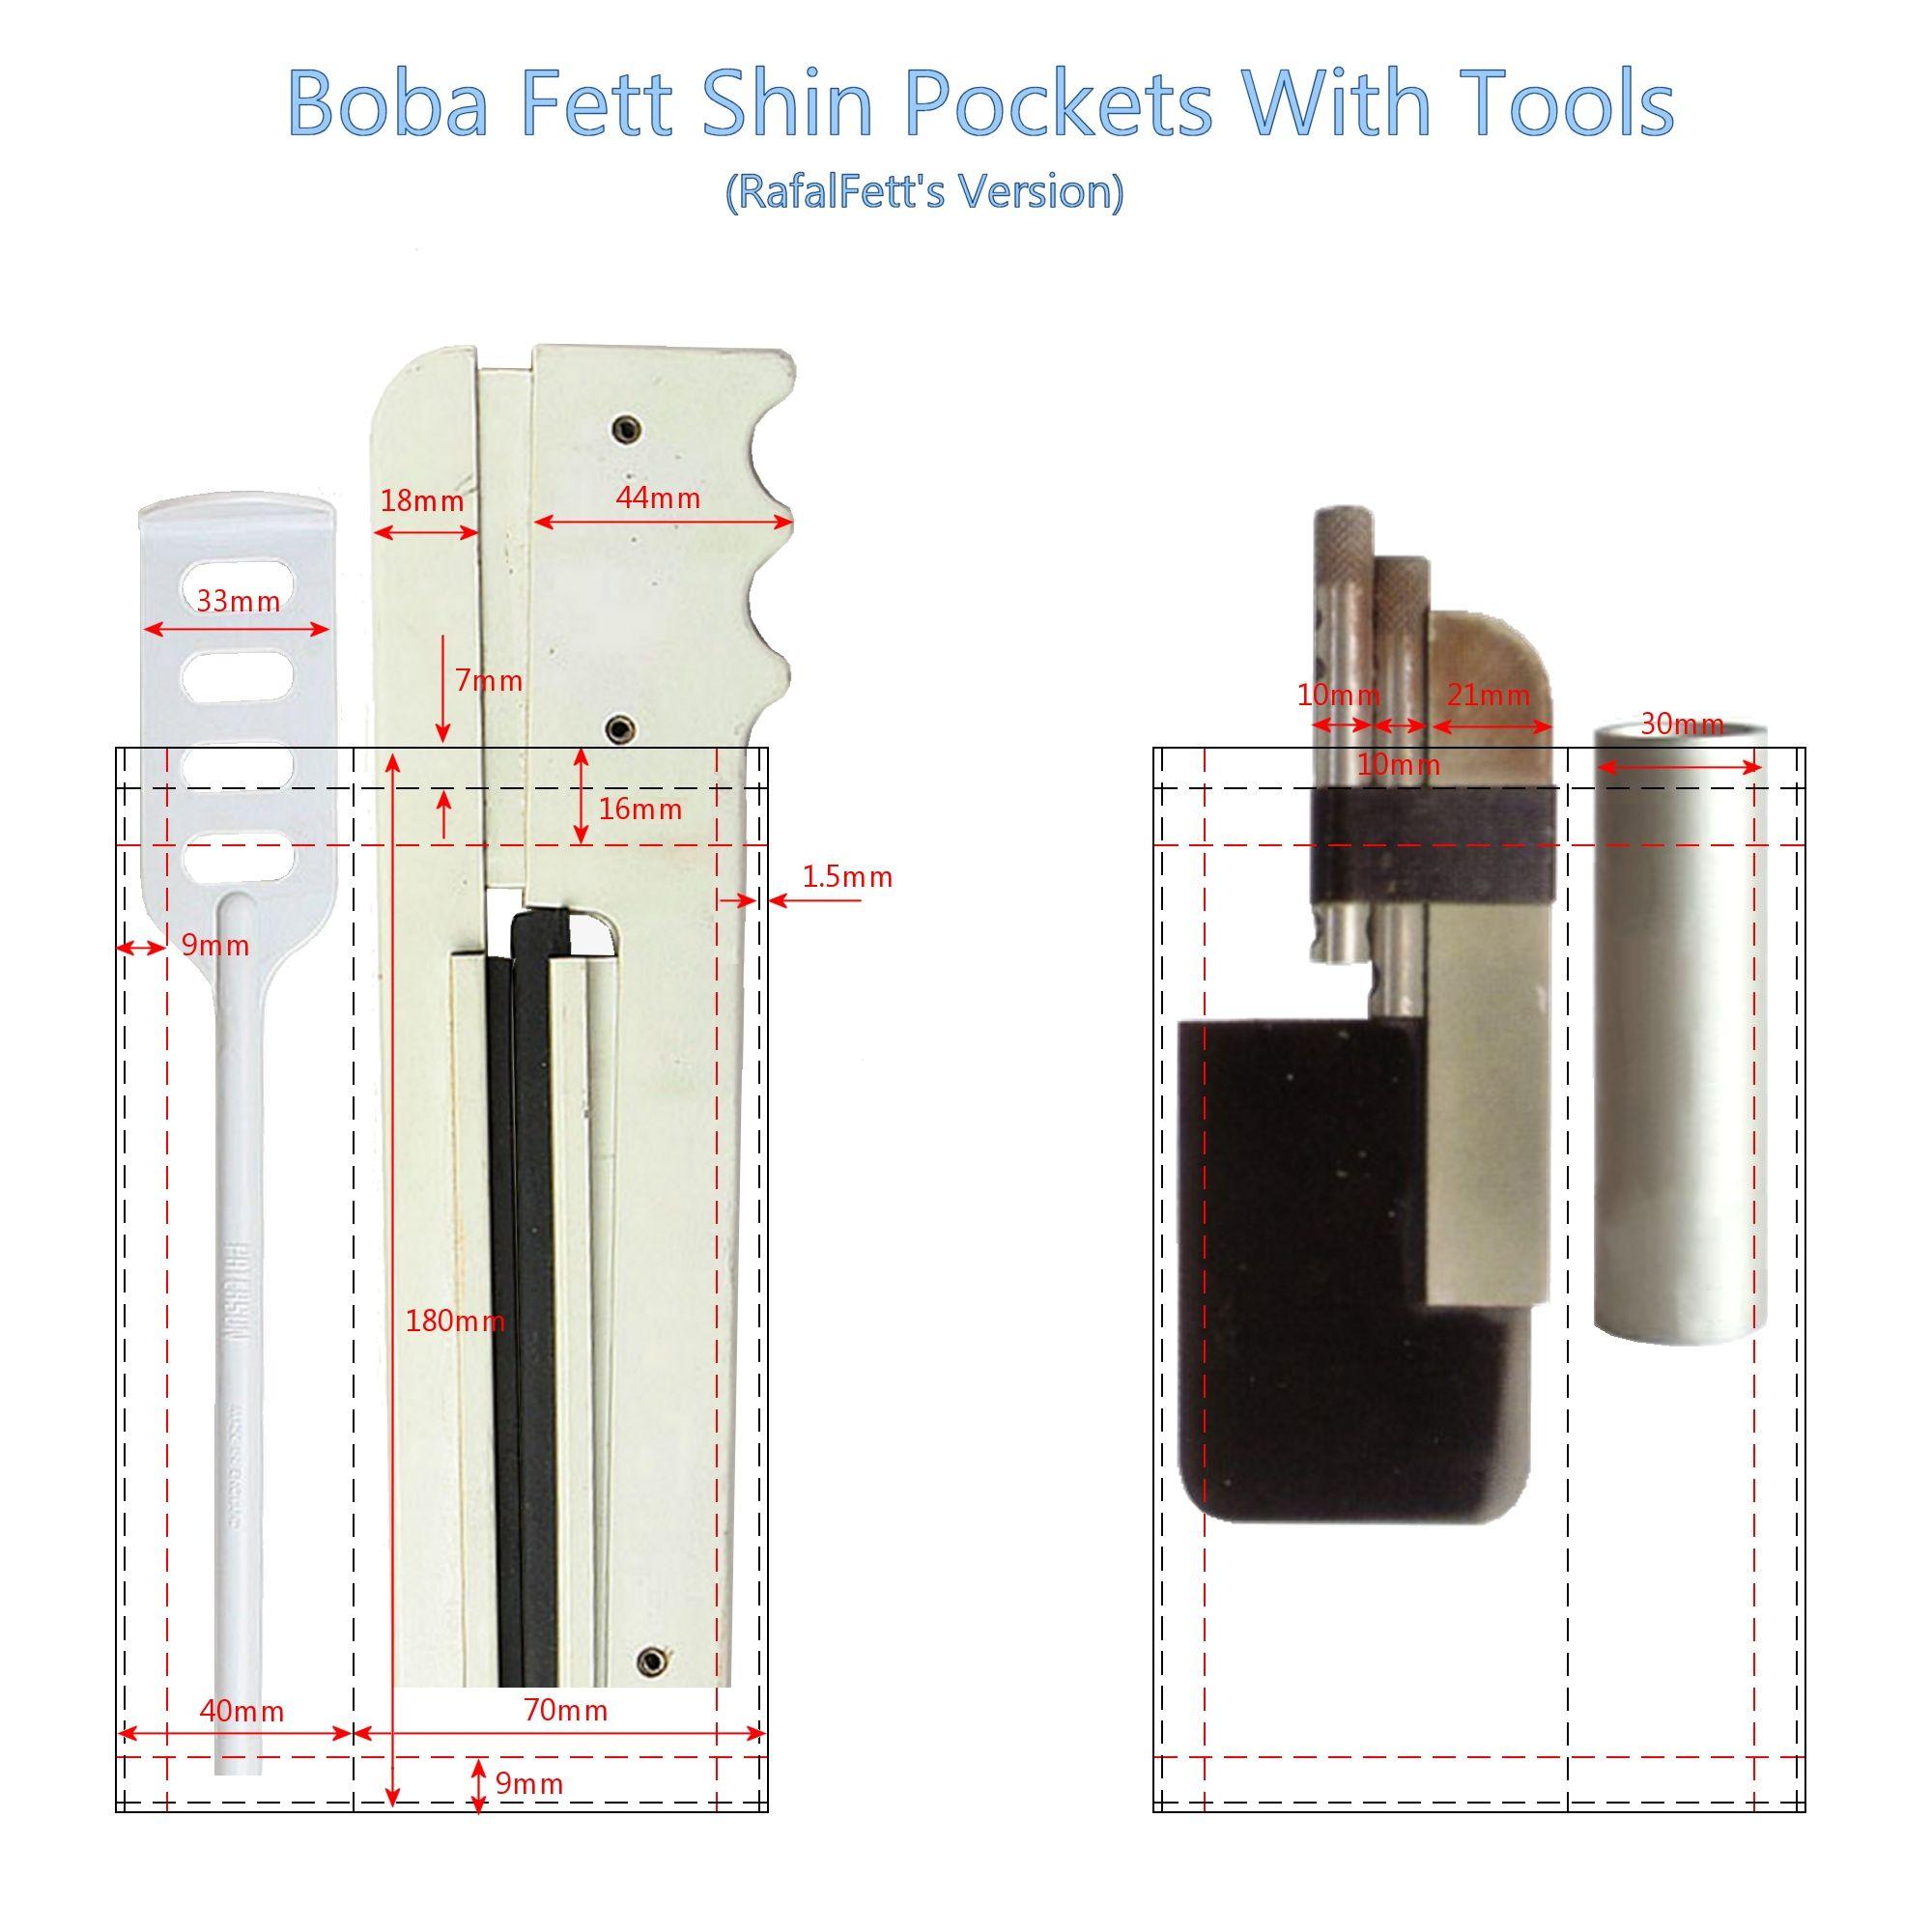 Boba Fett shin tools pocket positioning template. | SW | Pinterest